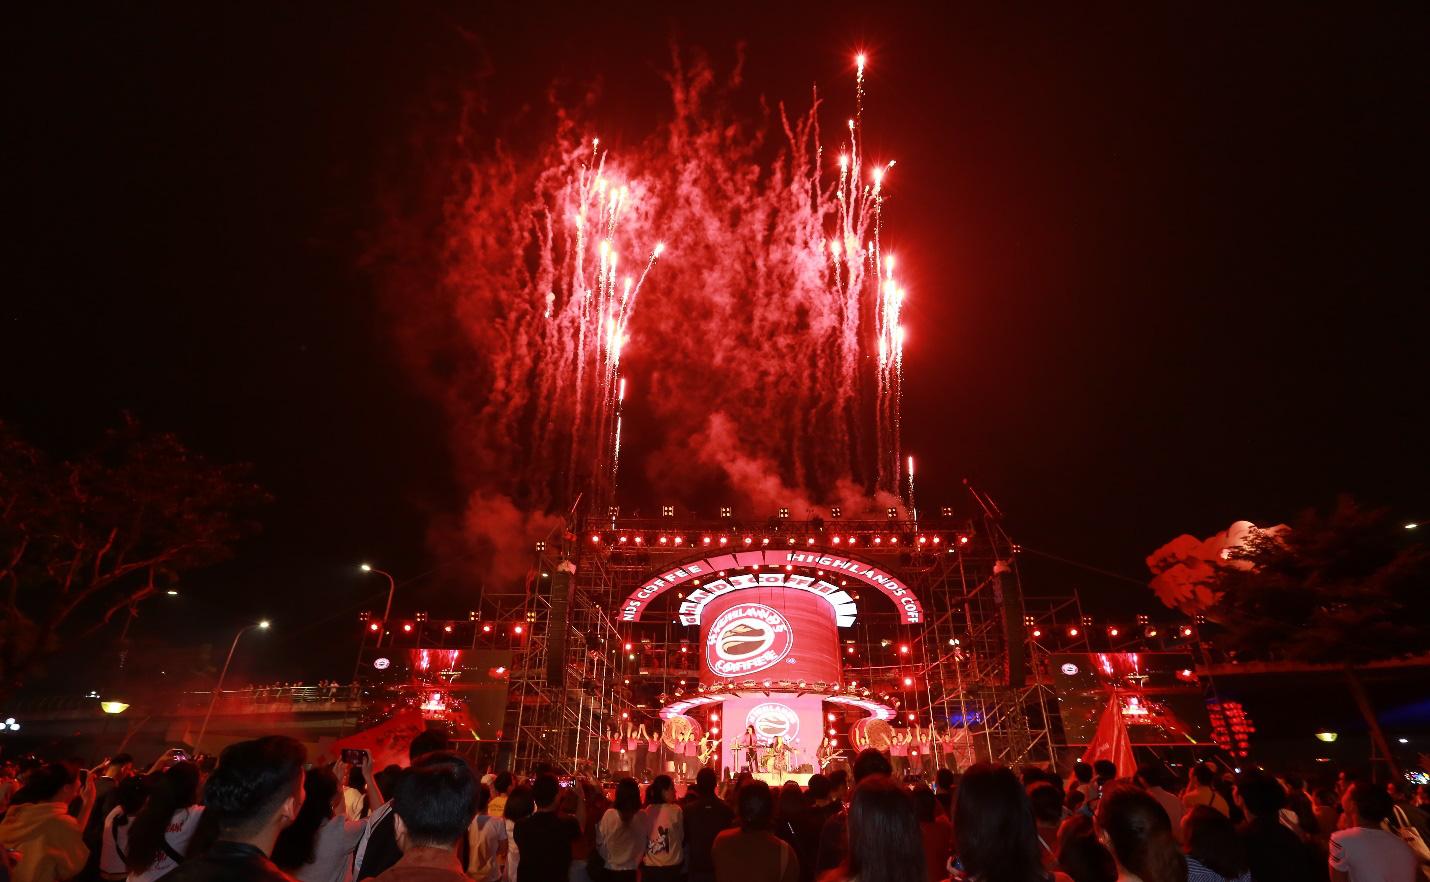 """Hơn 6.000 bạn trẻ Đà Nẵng bùng nổ cùng đại tiệc âm nhạc """"Highlands Coffee – 20 nắm gắn kết niềm tự hào đất Việt"""" - Ảnh 10."""